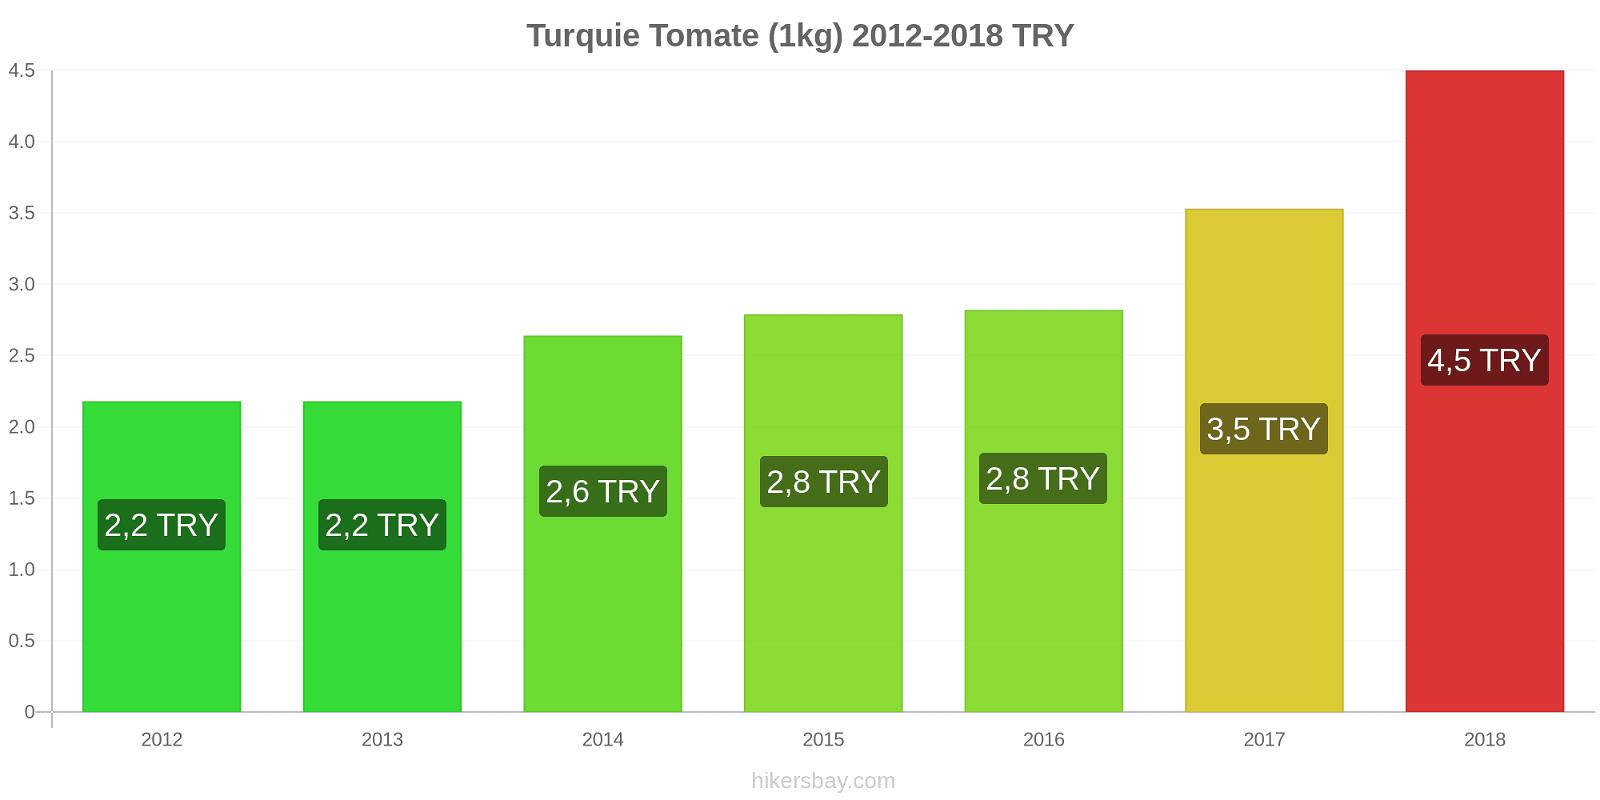 Turquie changements de prix Tomate (1kg) hikersbay.com